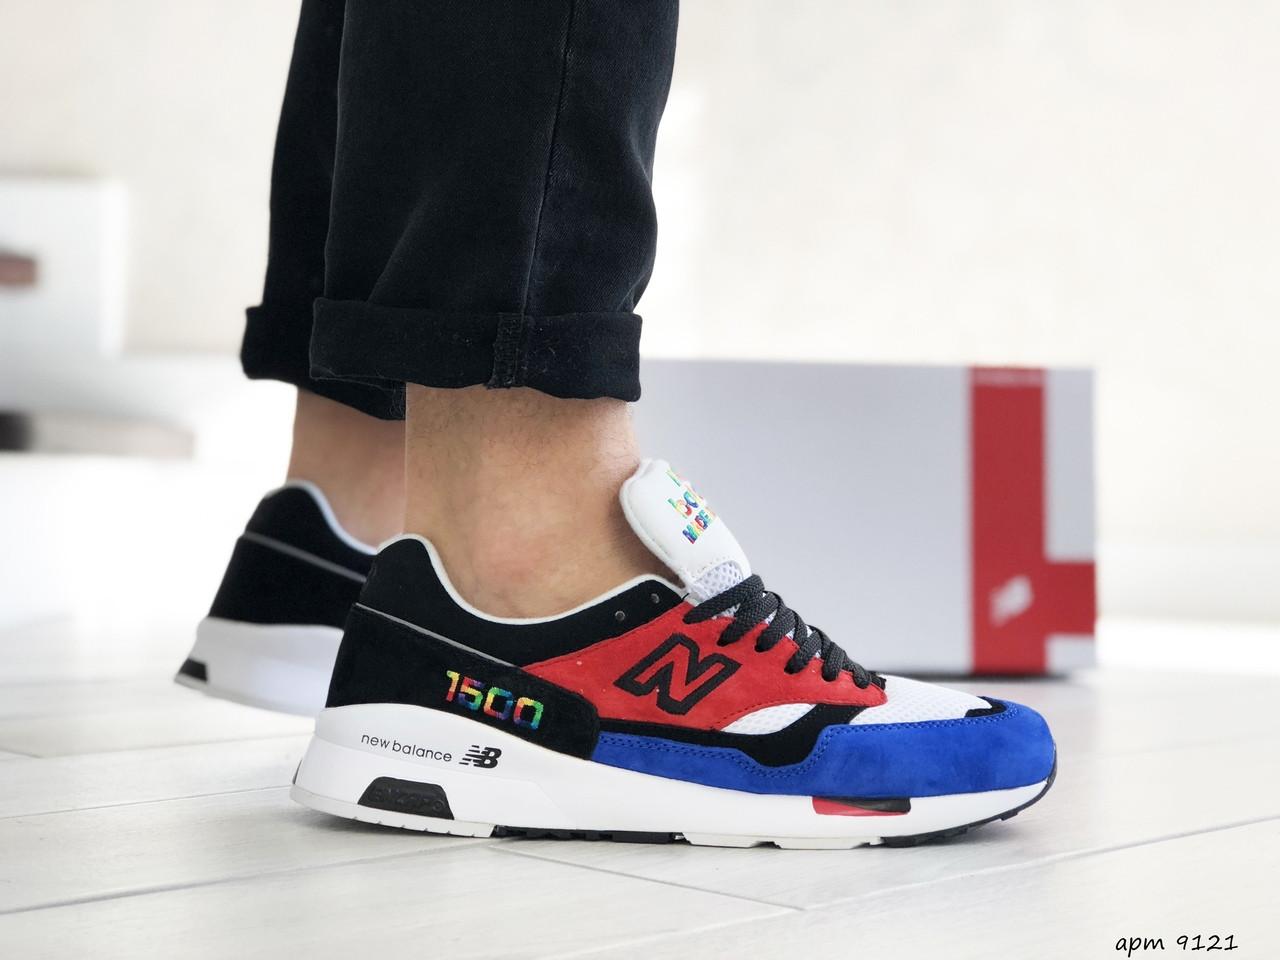 Мужские кроссовки (в стиле) New Balance 1500,красные с синим